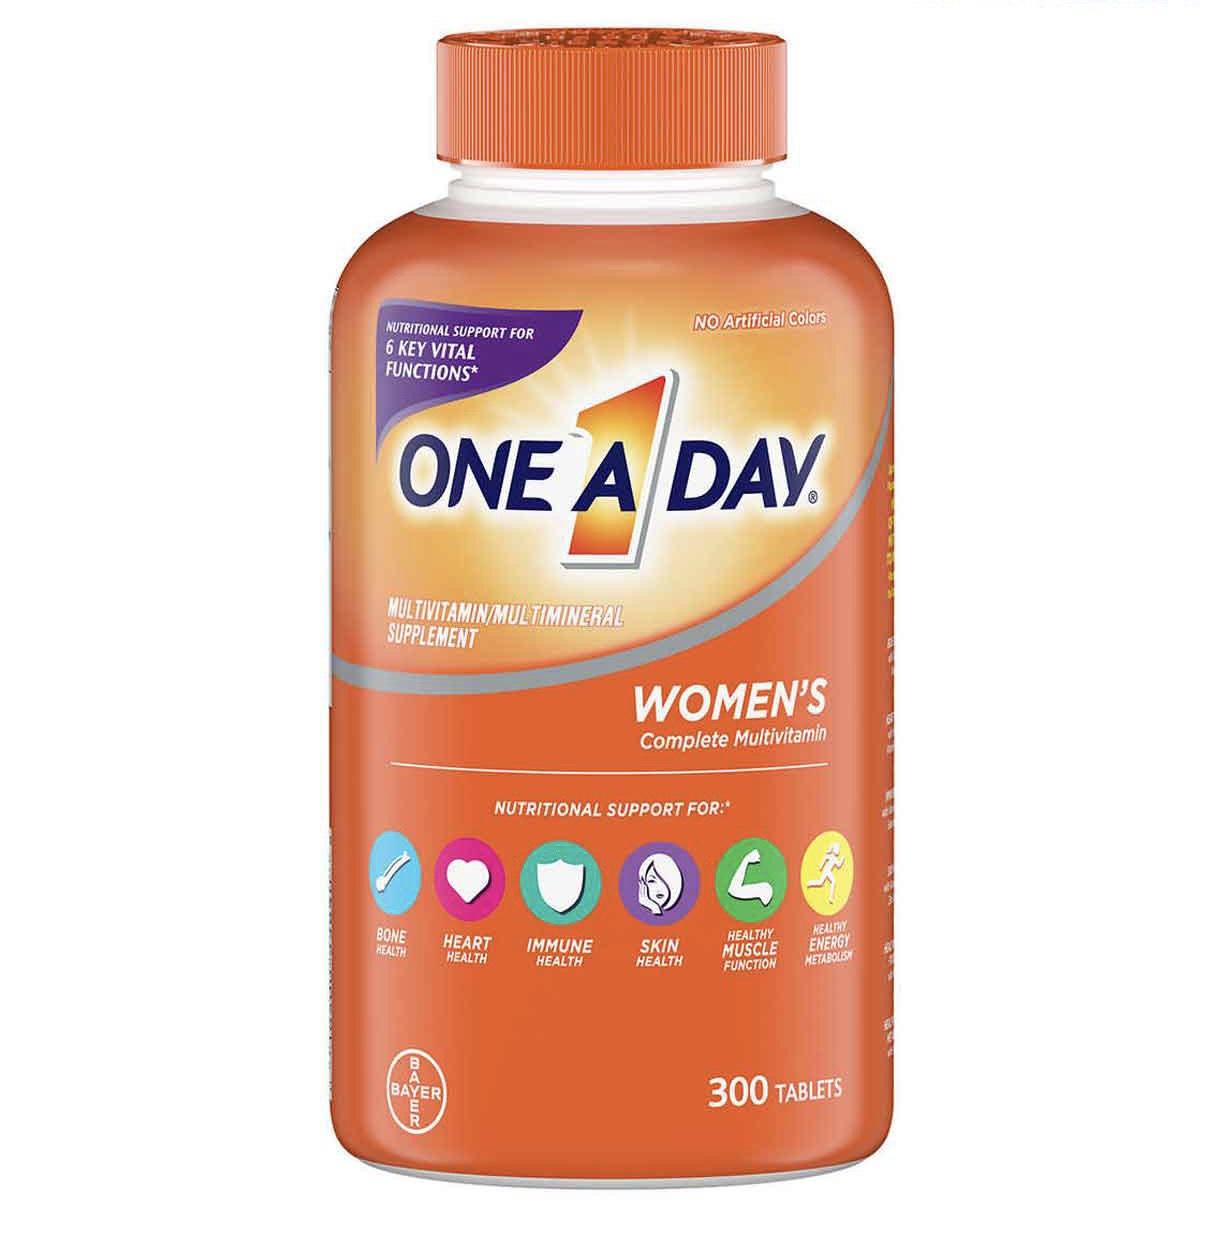 Viên Uống Bổ Sung Vitamin Tổng Hợp One A Day Women Multivitamin - Us Home